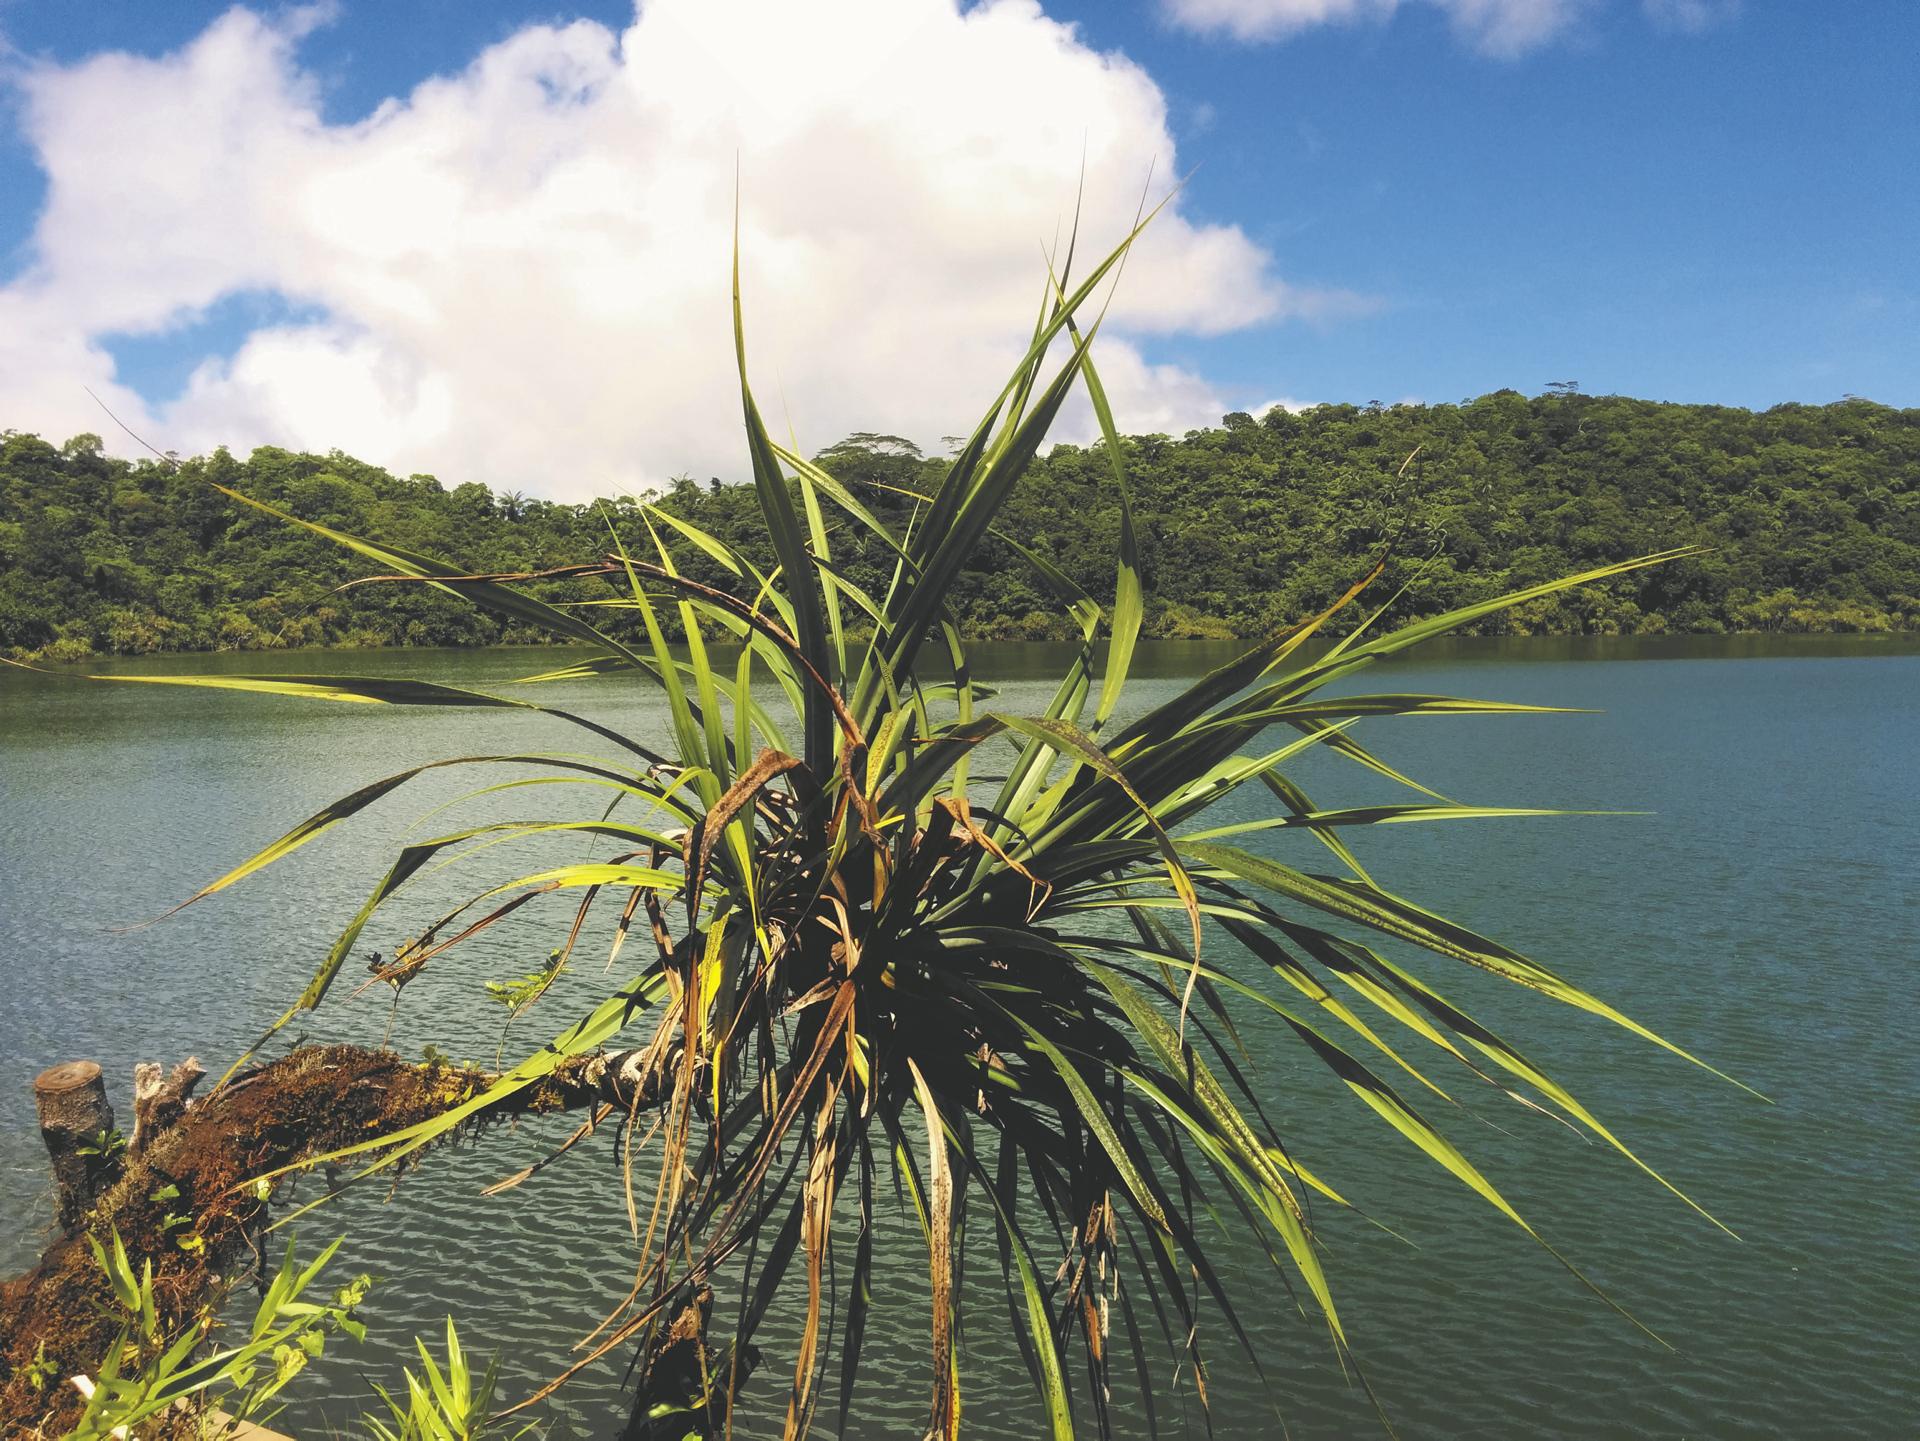 Lake Lanotoo